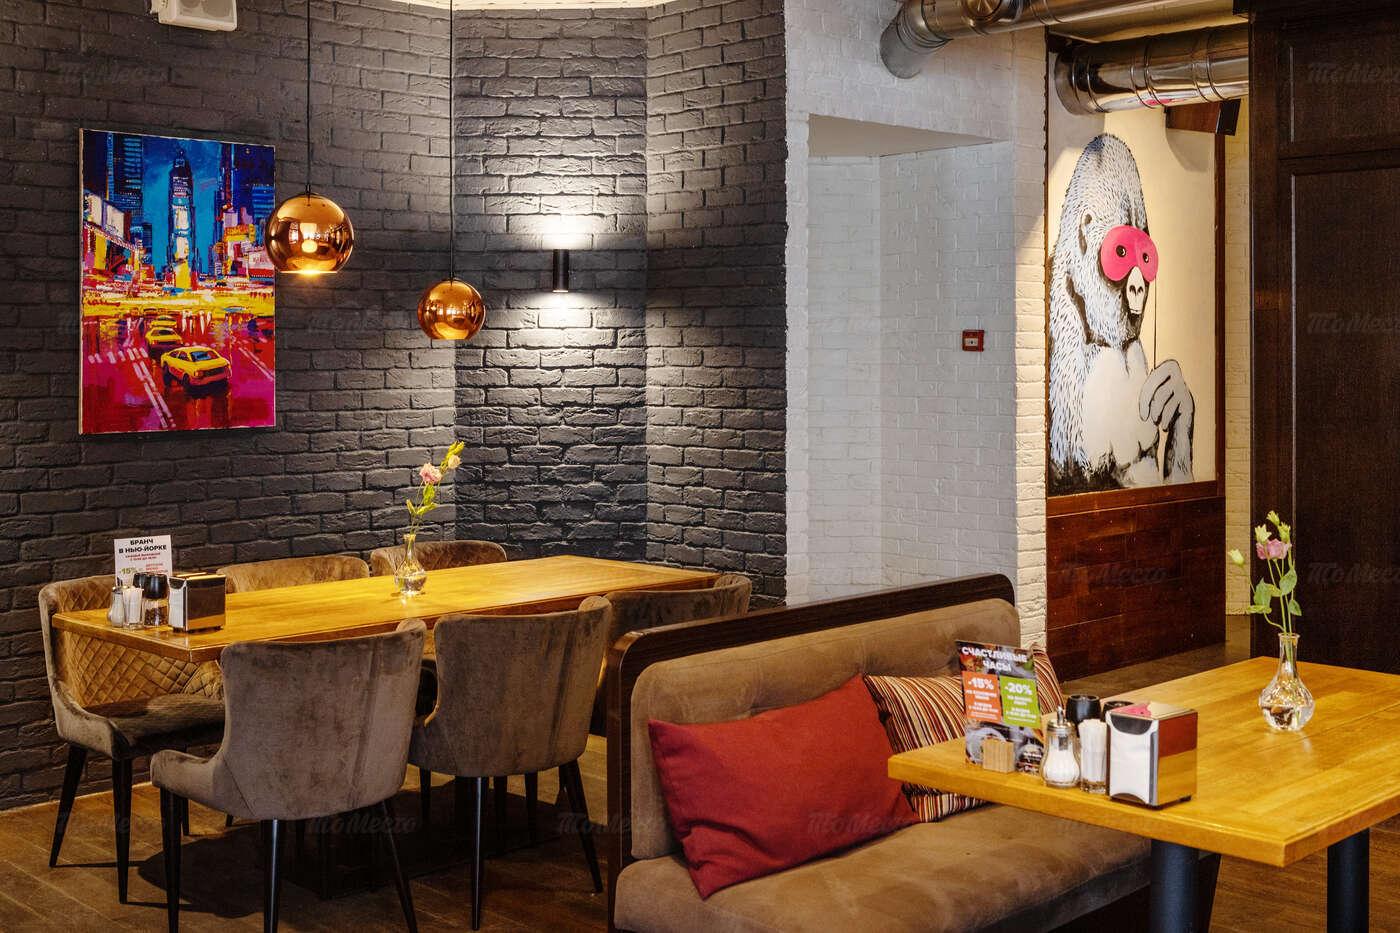 Банкеты ресторана Нью-Йорк пицца и гриль на Суворовской улице фото 5